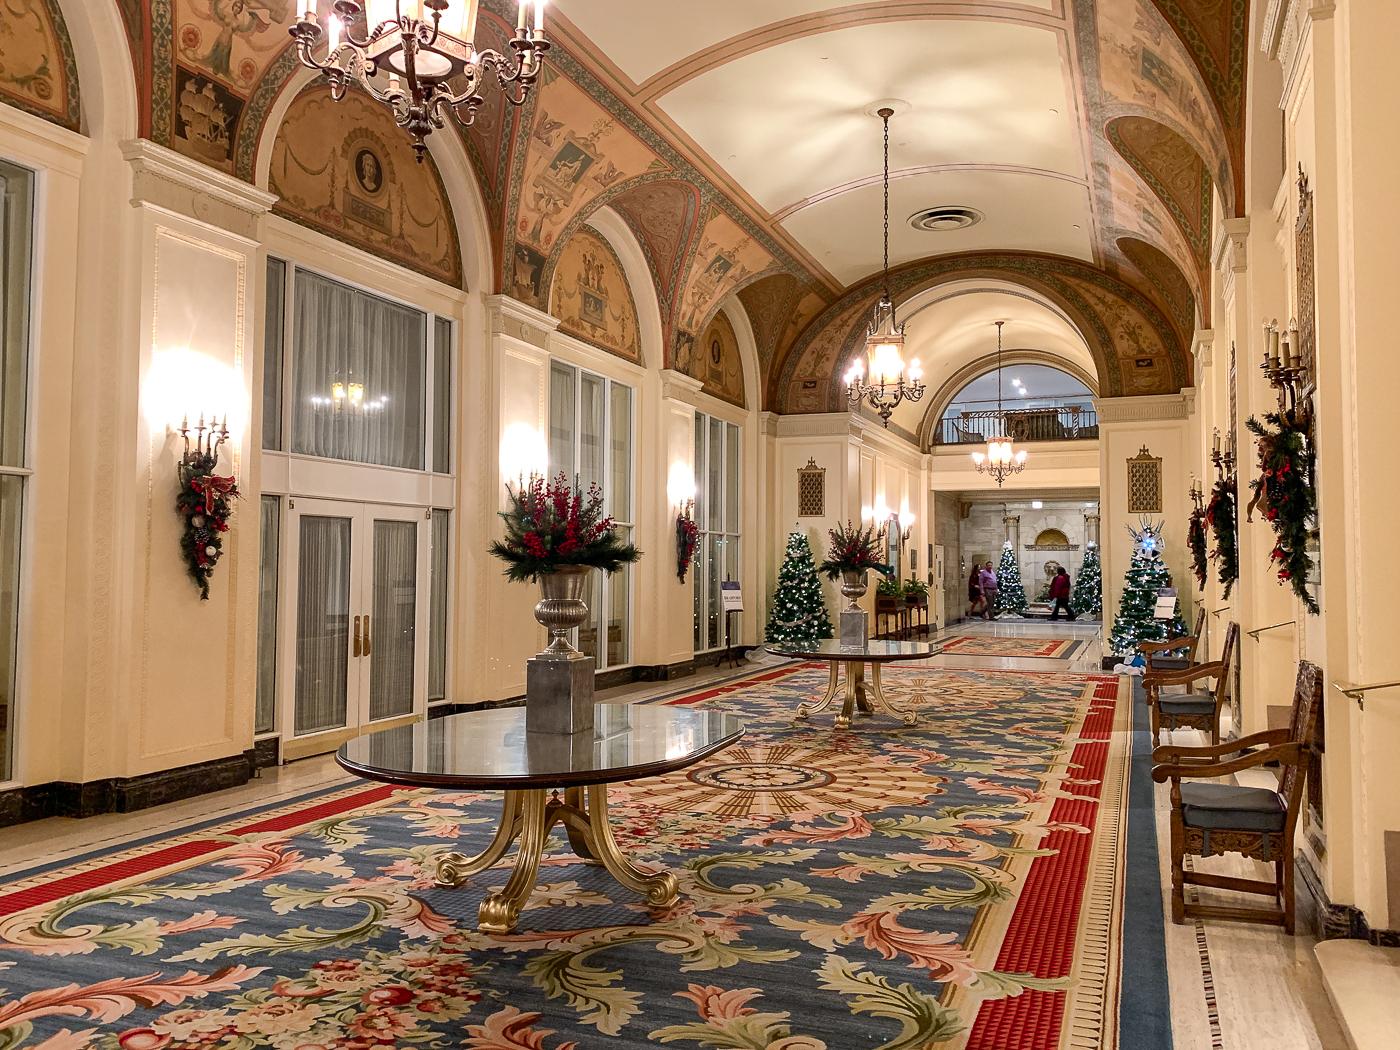 couloirs Fairmont Château Laurier - Hôtel mythique d'Ottawa, Canada